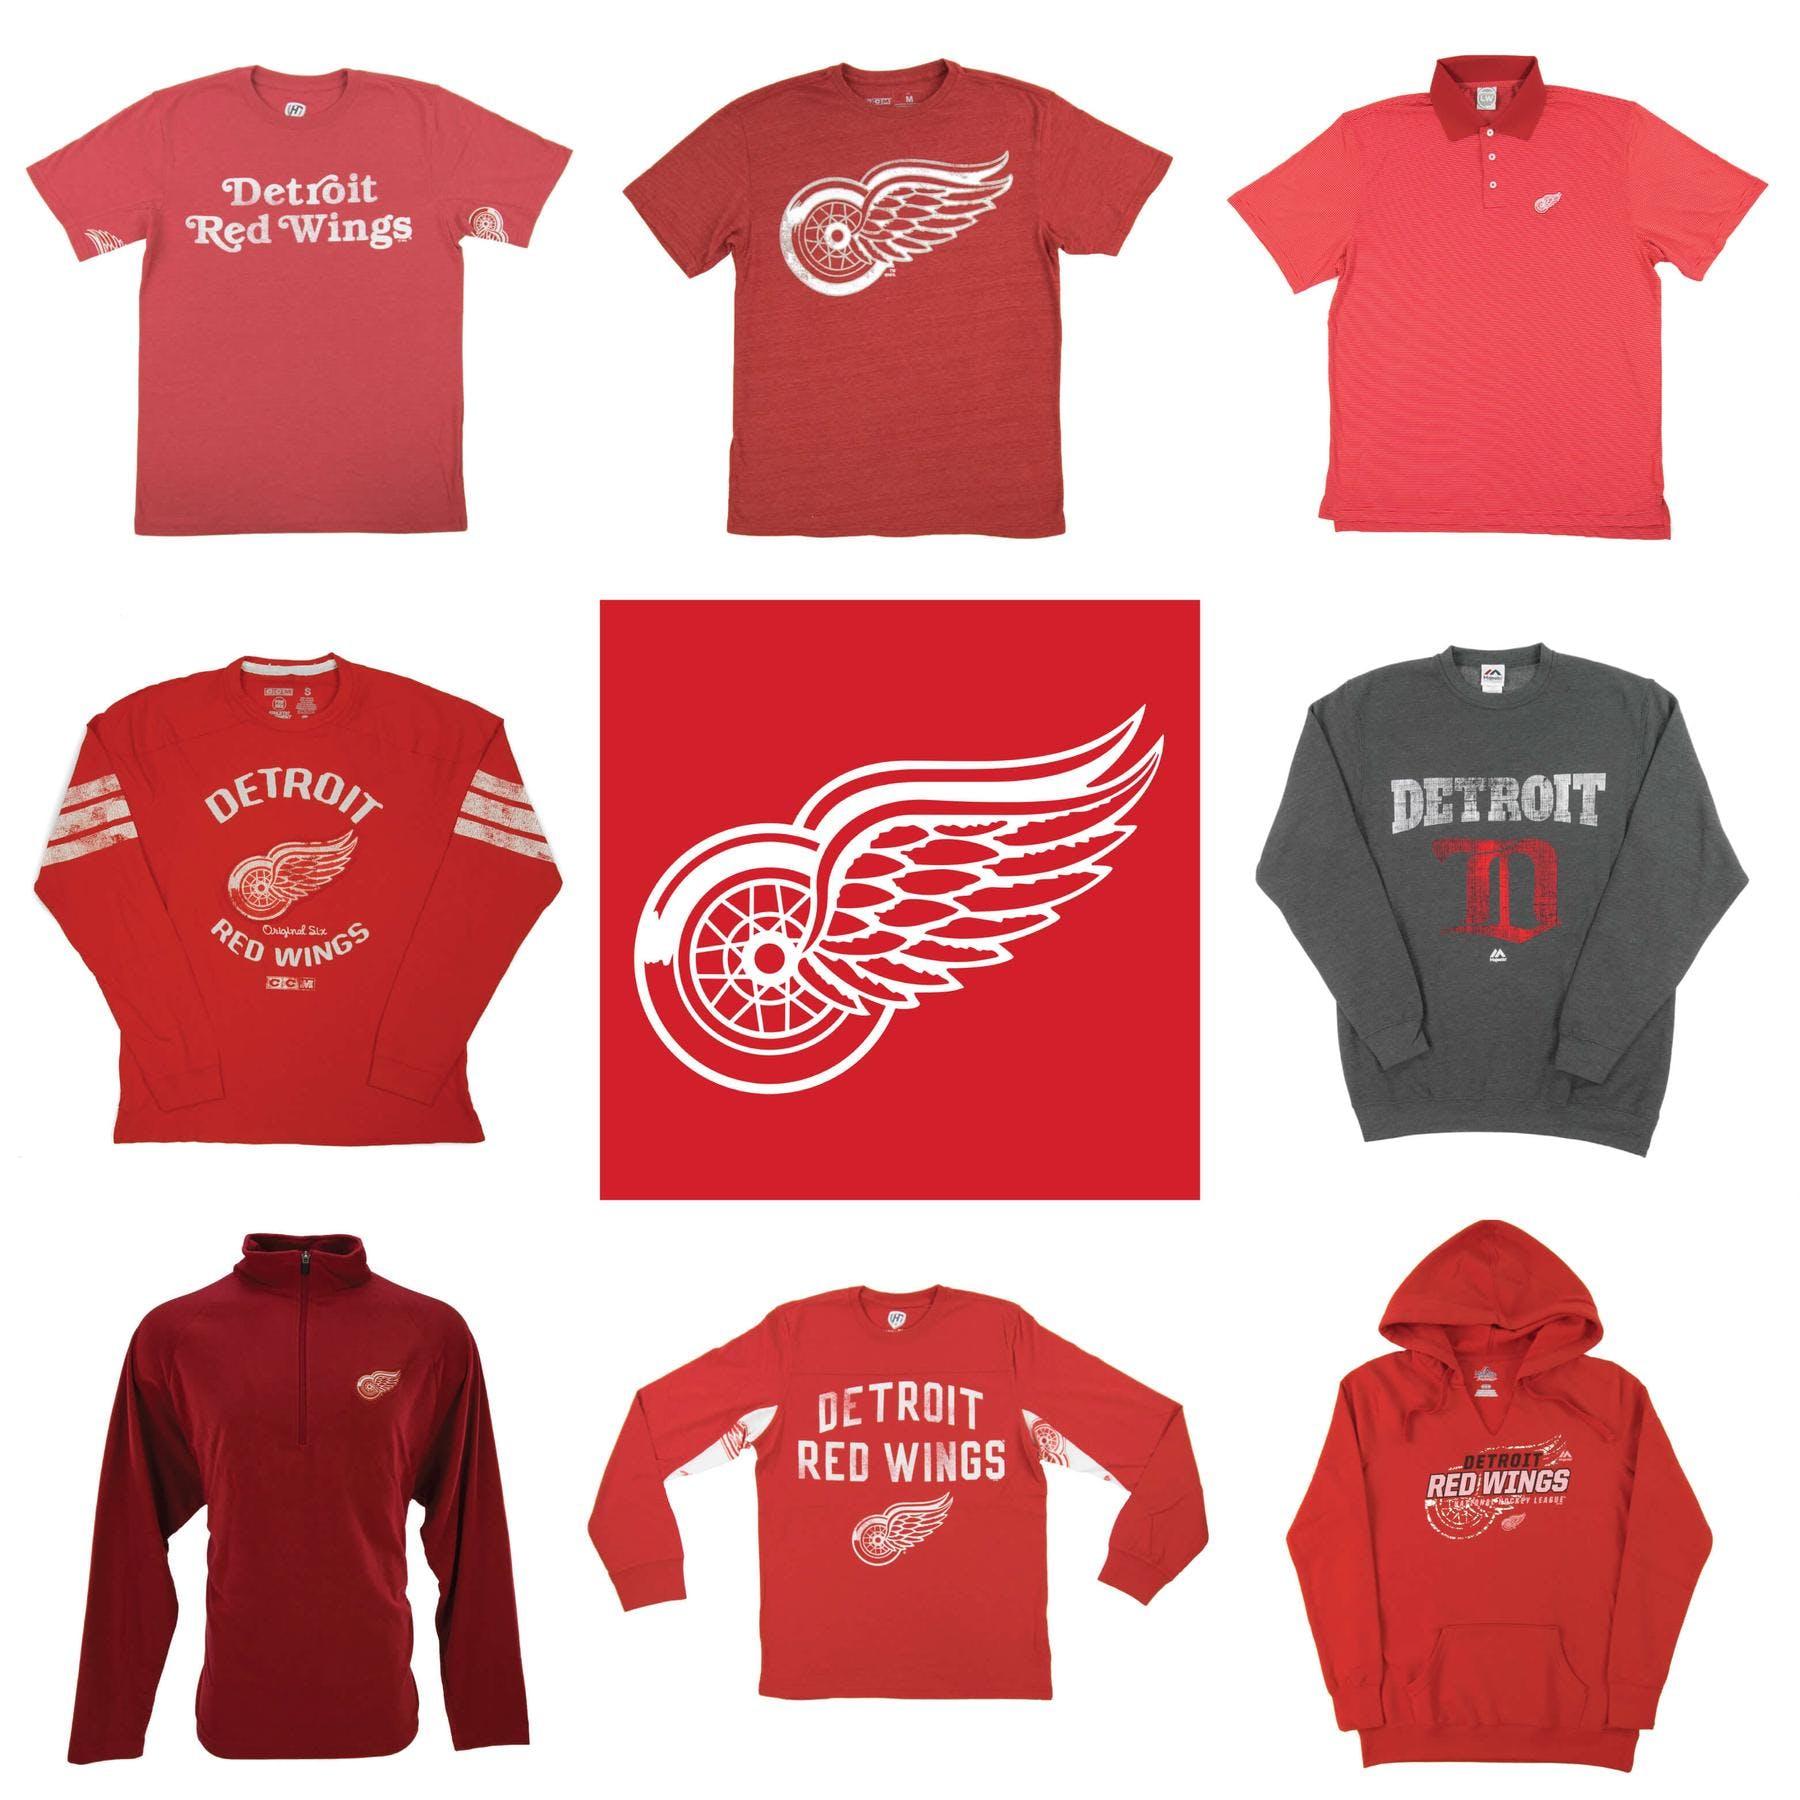 c77307ae180 Detroit Red Wings Premium NHL Apparel Liquidation - 2